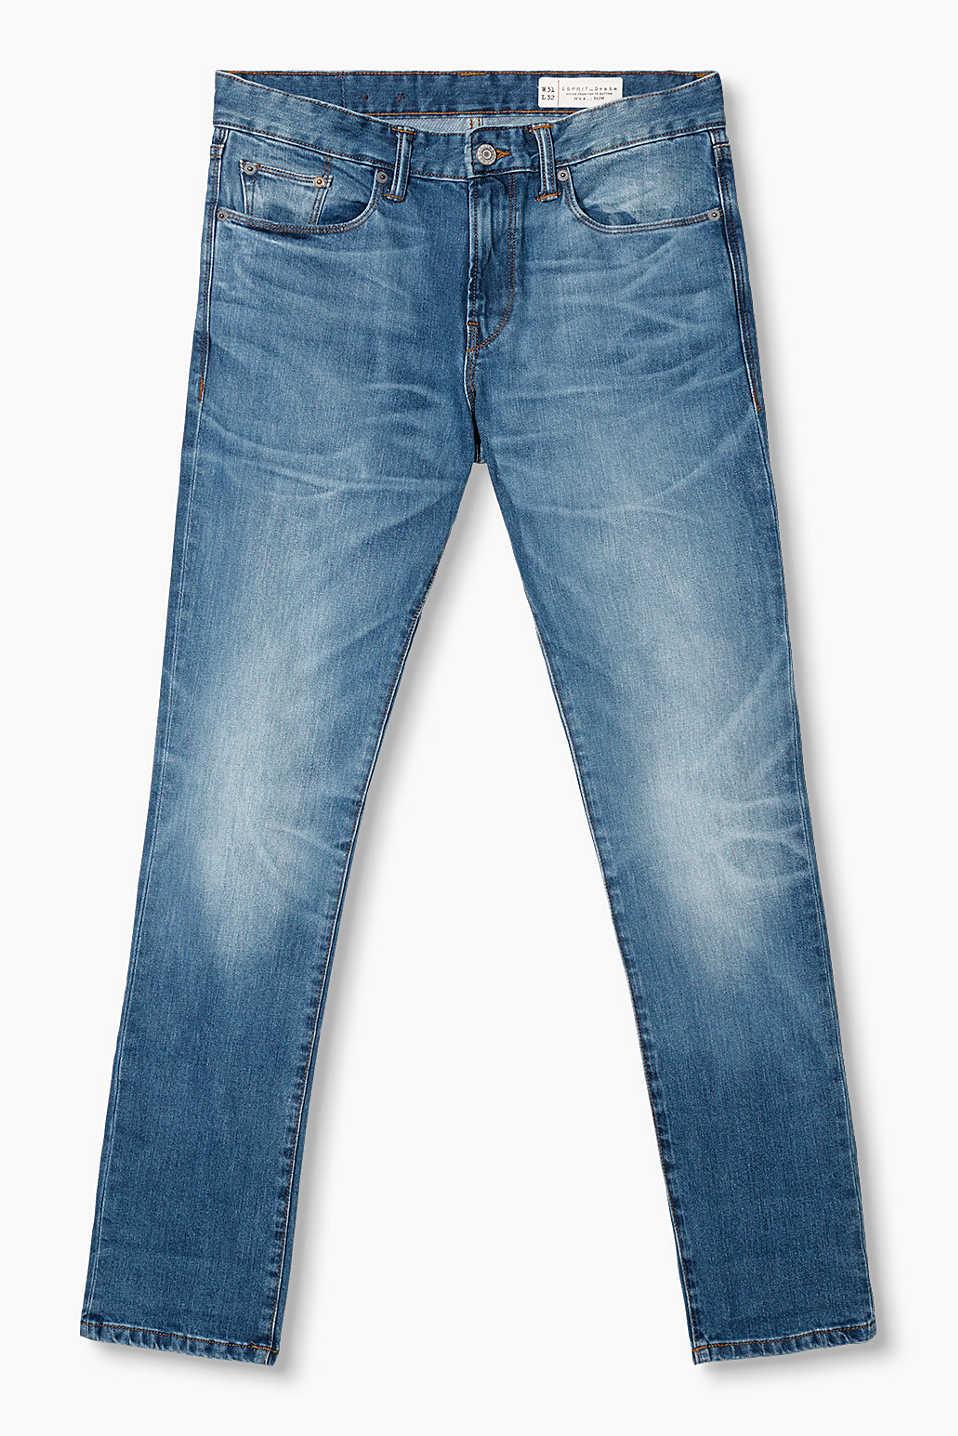 Męskie dżinsy za 78,99zł (-53%, 3 modele) @ Esprit